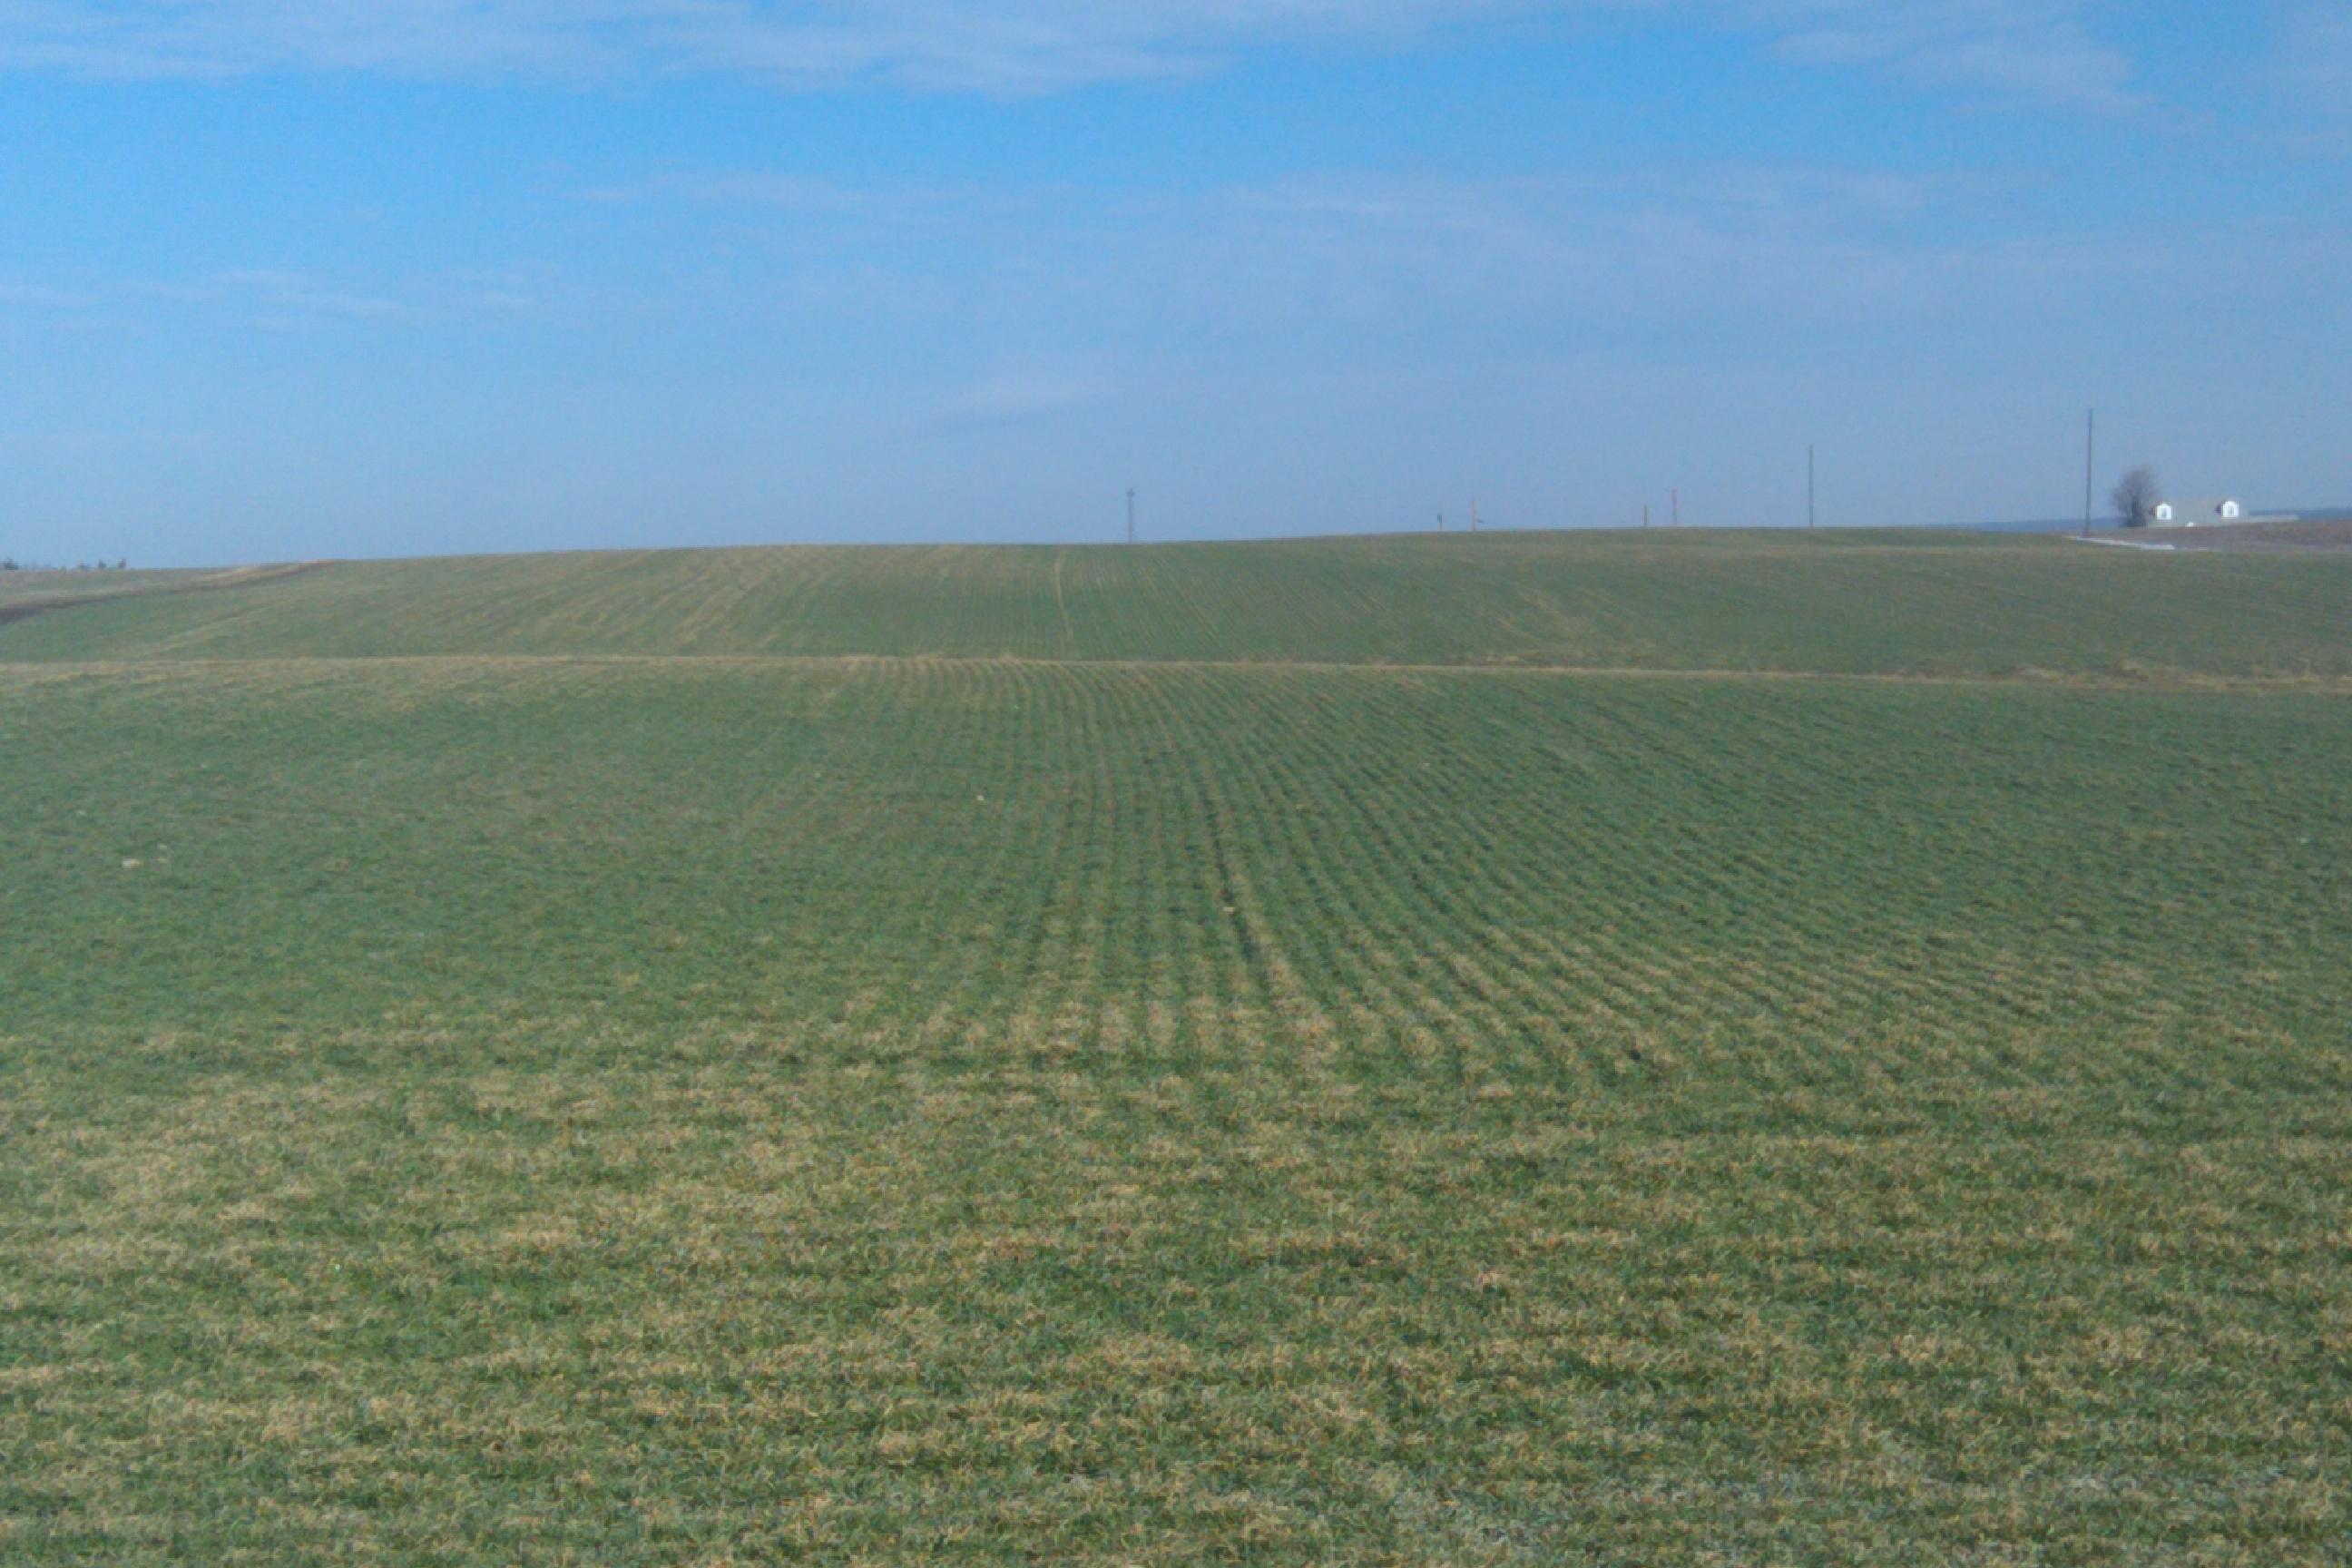 https://i1.wp.com/haley-farms.com/blog/wp-content/uploads/2011/02/IMAG0344.jpg